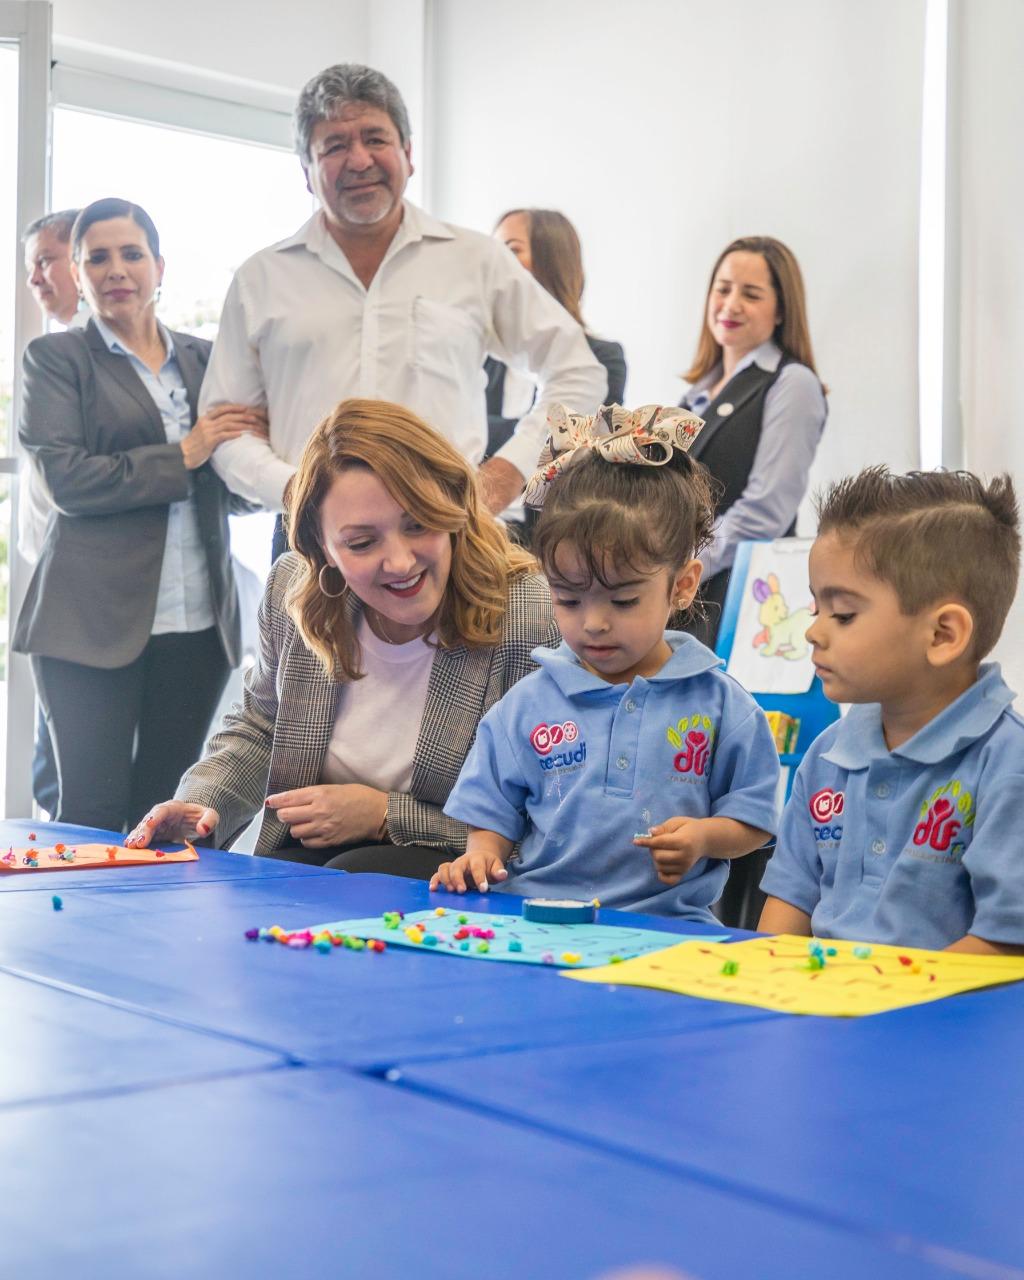 DIF-004-2020.-A dos años del lanzamiento del modelo de cuidado diario infantil único en el país, se inaugura el décimo CECUDI en Tamaulipas (2)